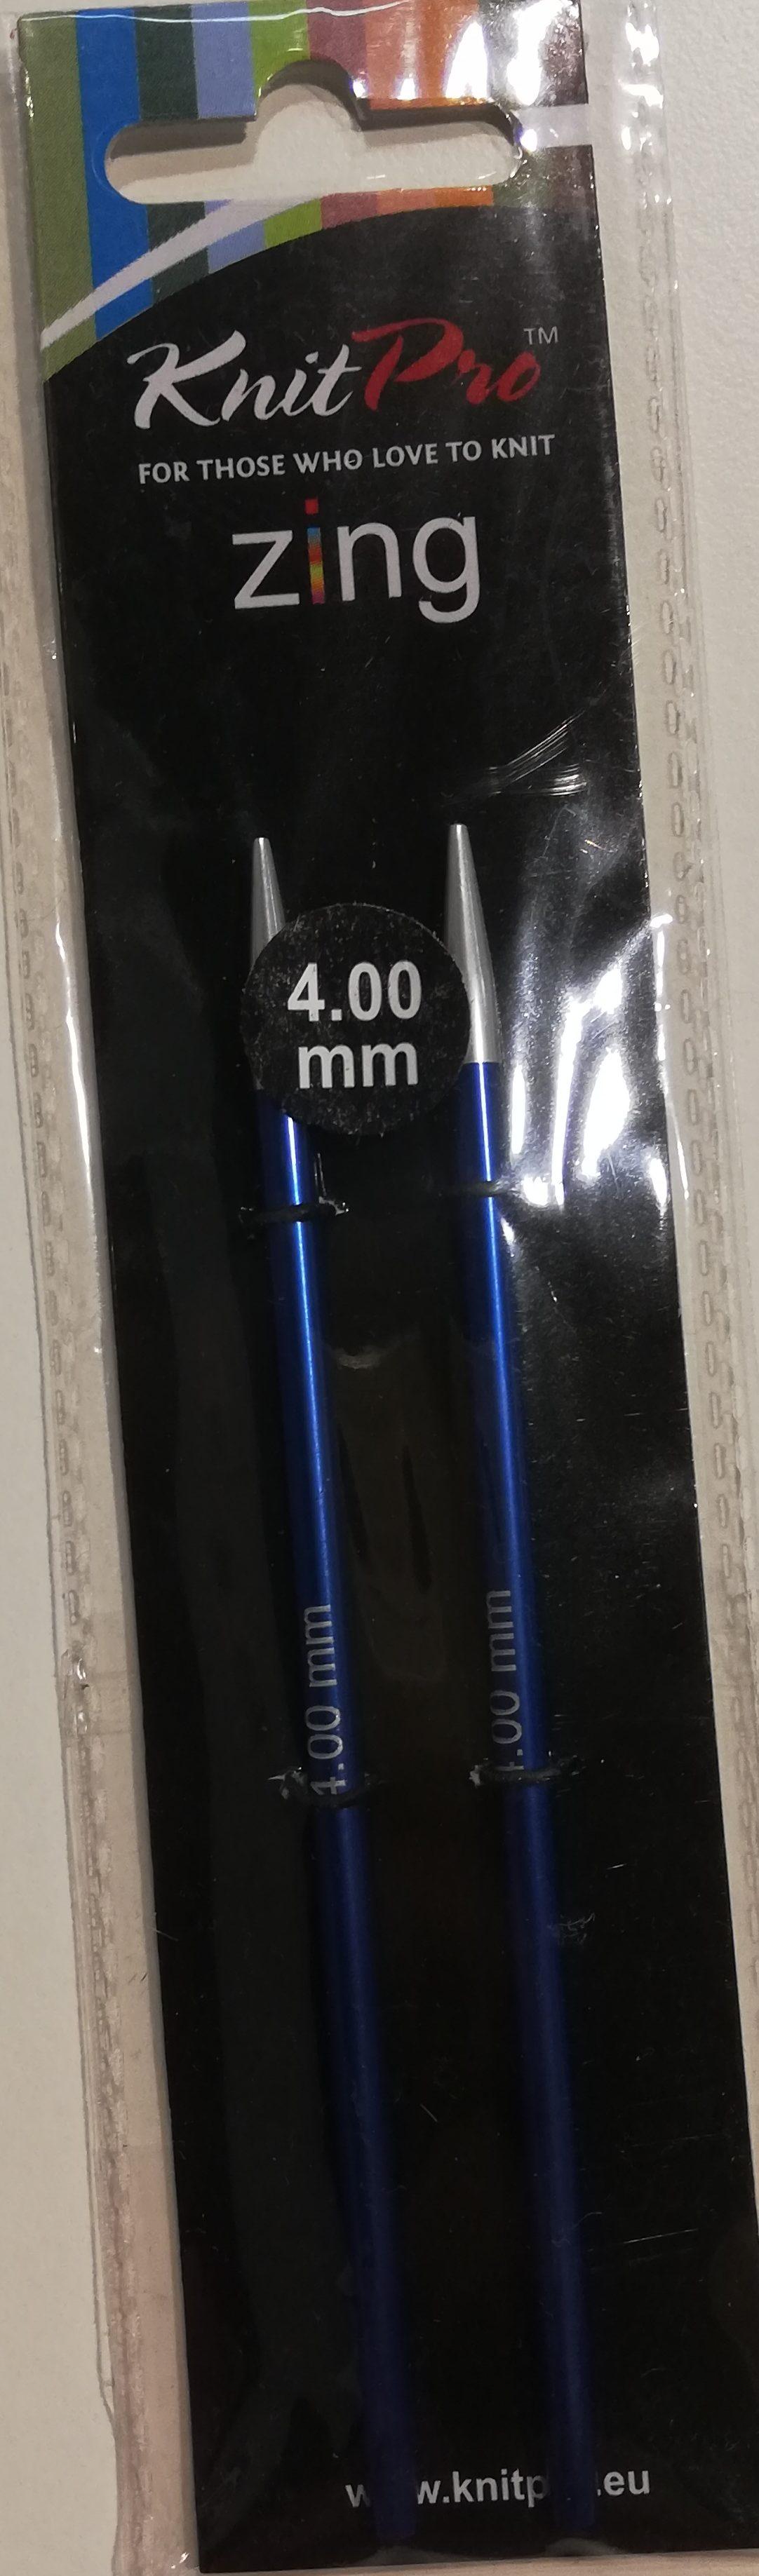 KnitPro Zing Rondbreinaalden verwisselbaar 4mm